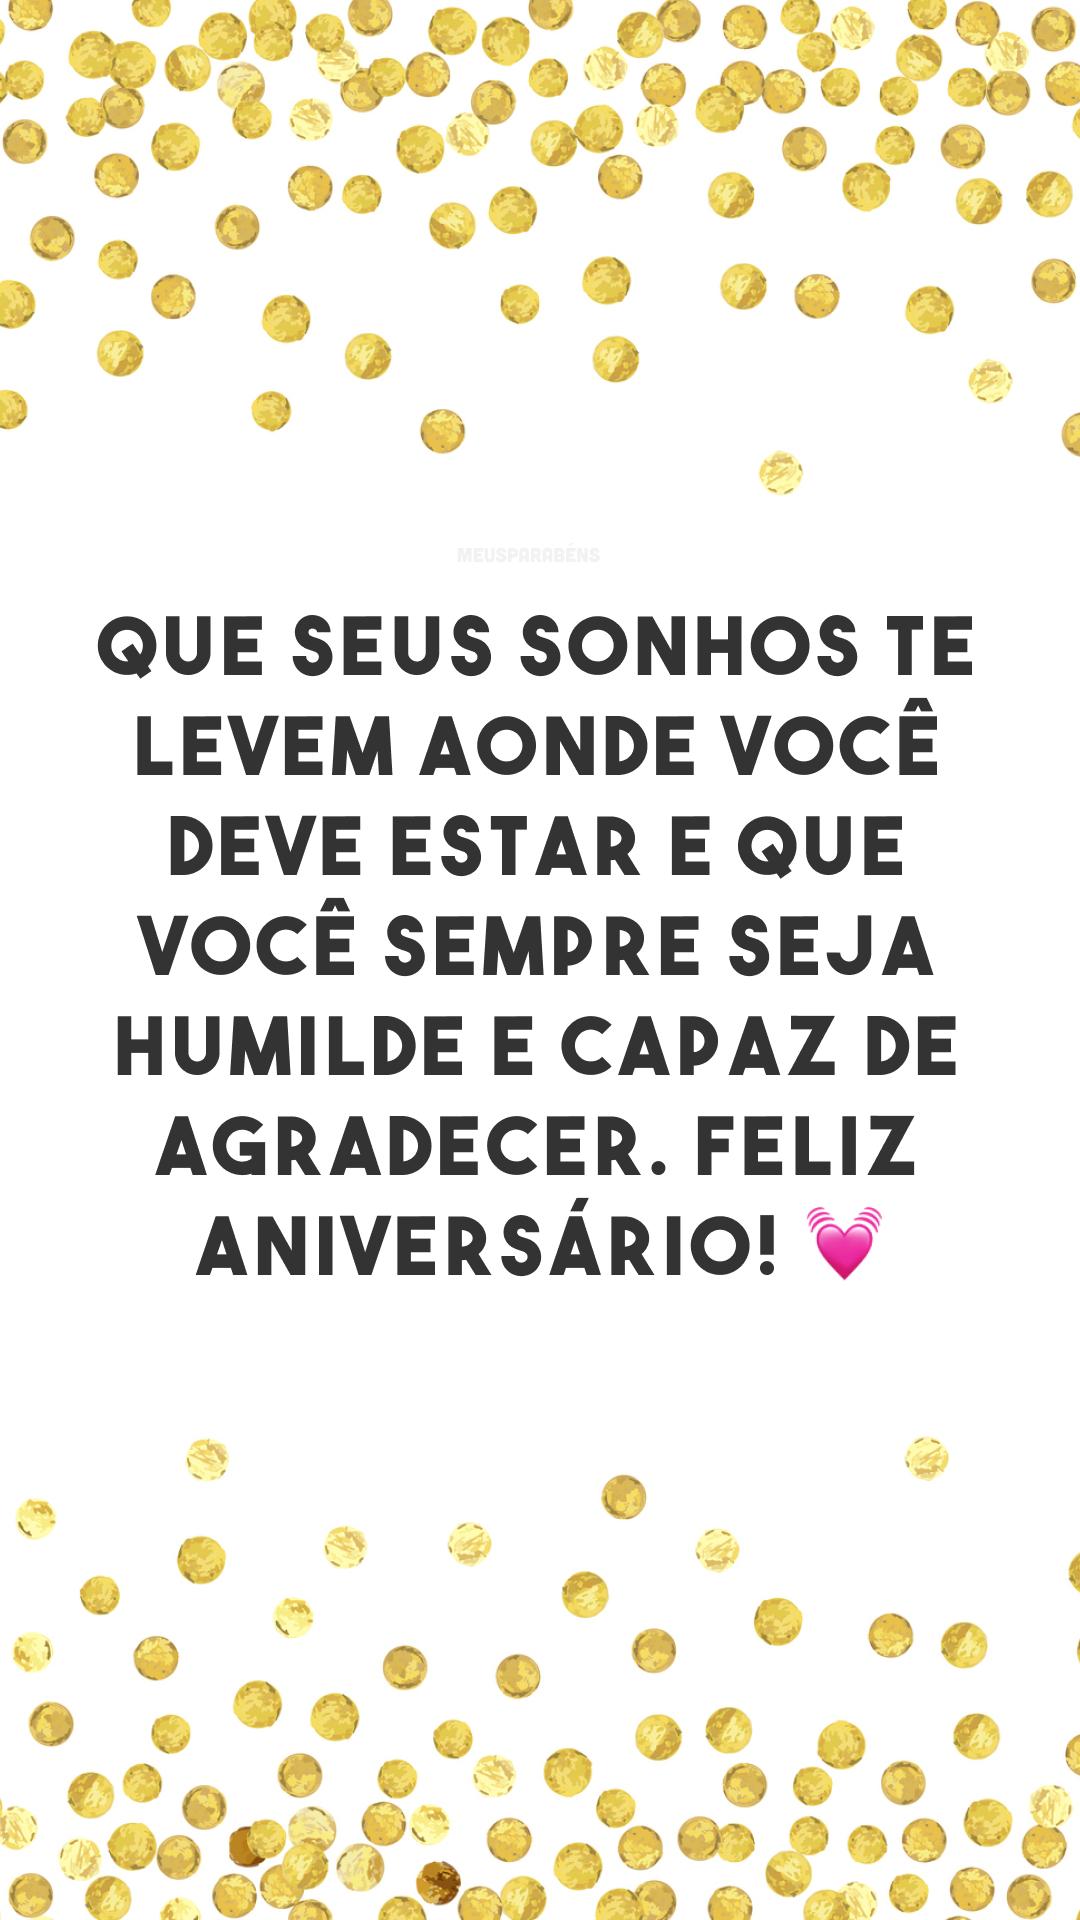 Que seus sonhos te levem aonde você deve estar e que você sempre seja humilde e capaz de agradecer. Feliz aniversário! 💓